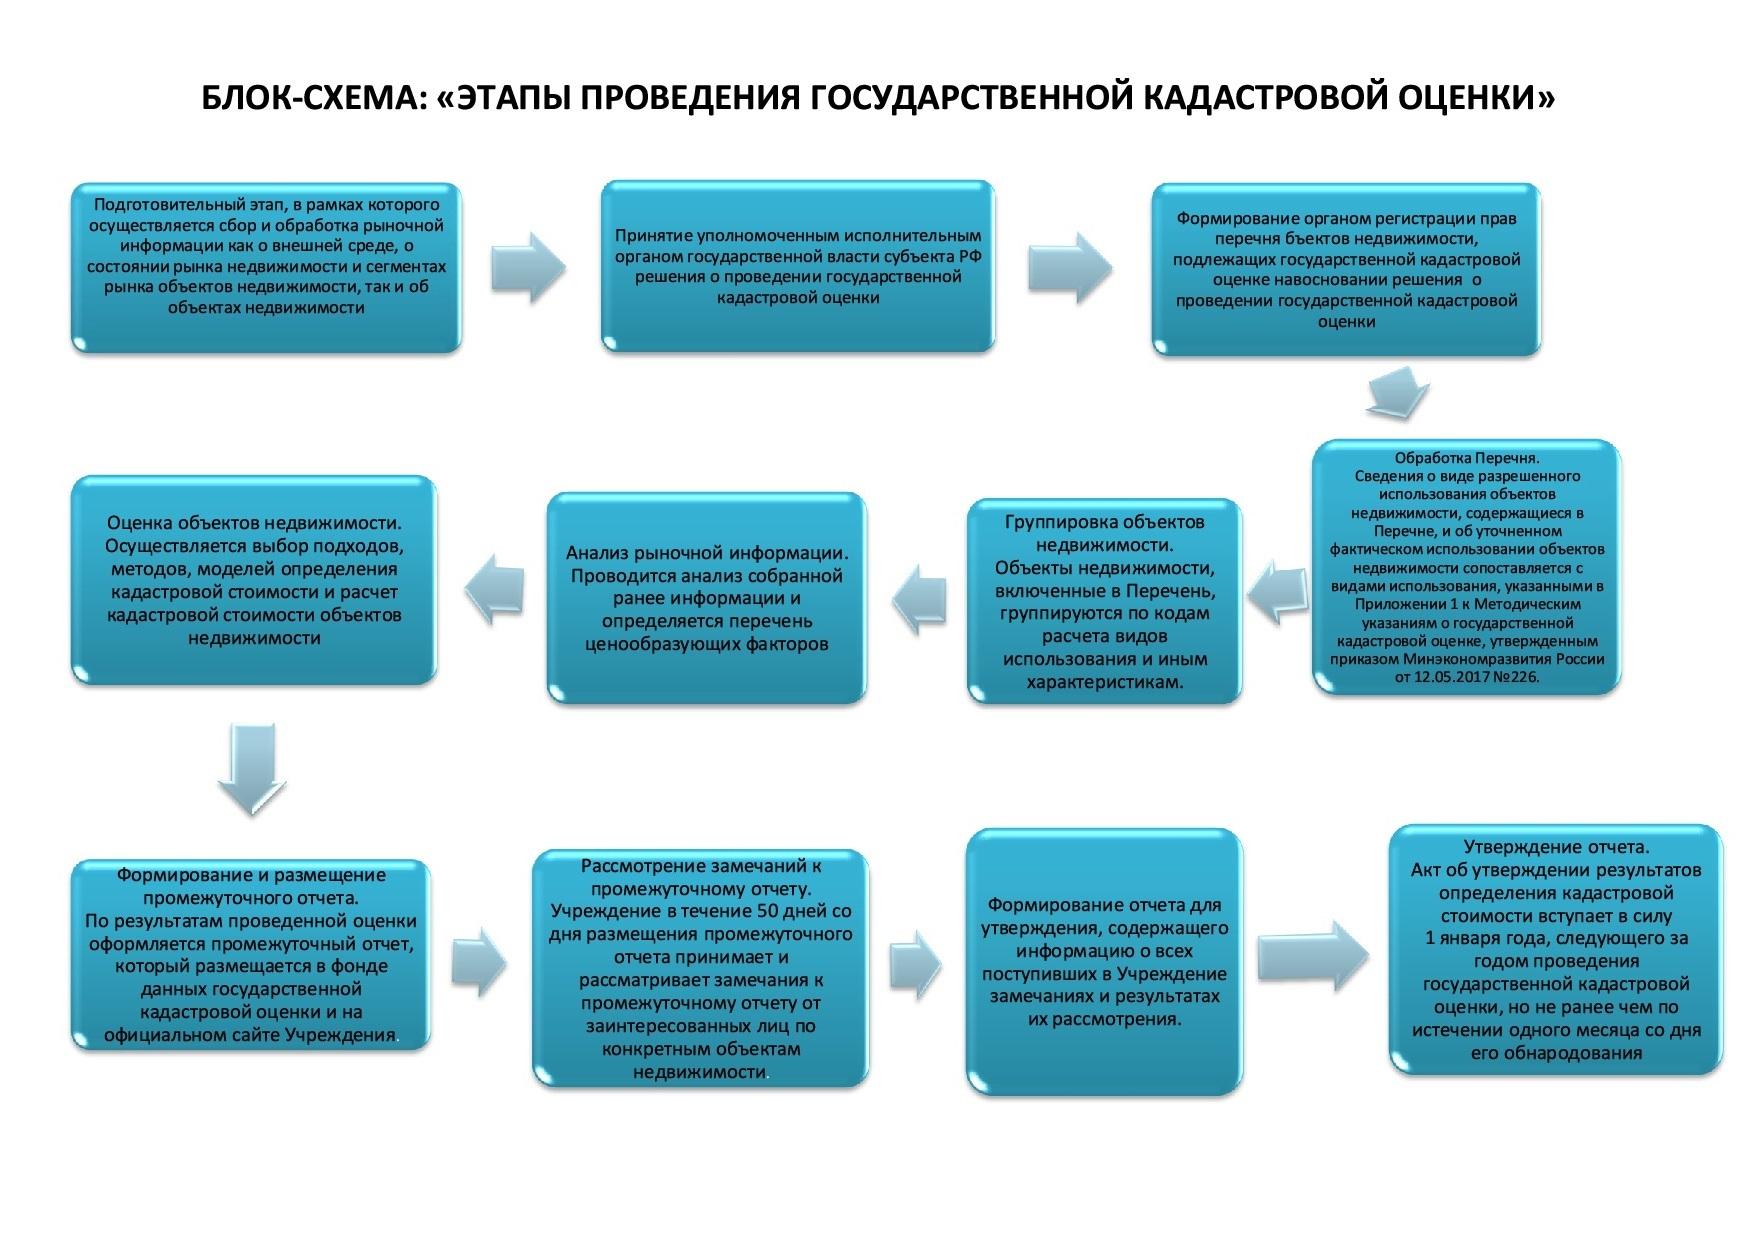 На инфографике описаны этапы государственной оценки недвижимости и определения кадастровой стоимости.